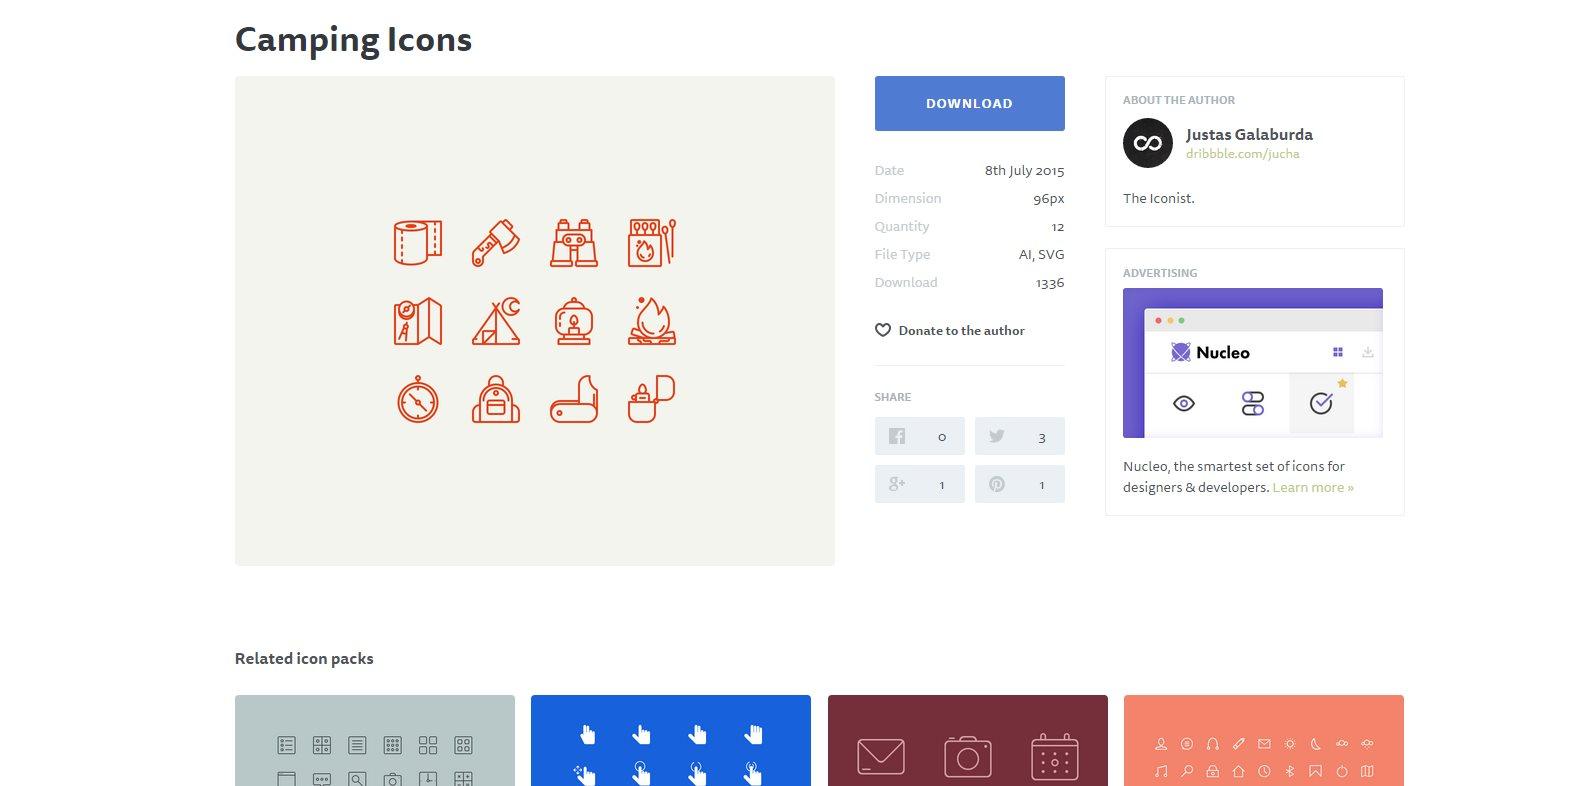 iconstore, nueva web para encontrar iconos gratuitos para nuestros proyectos